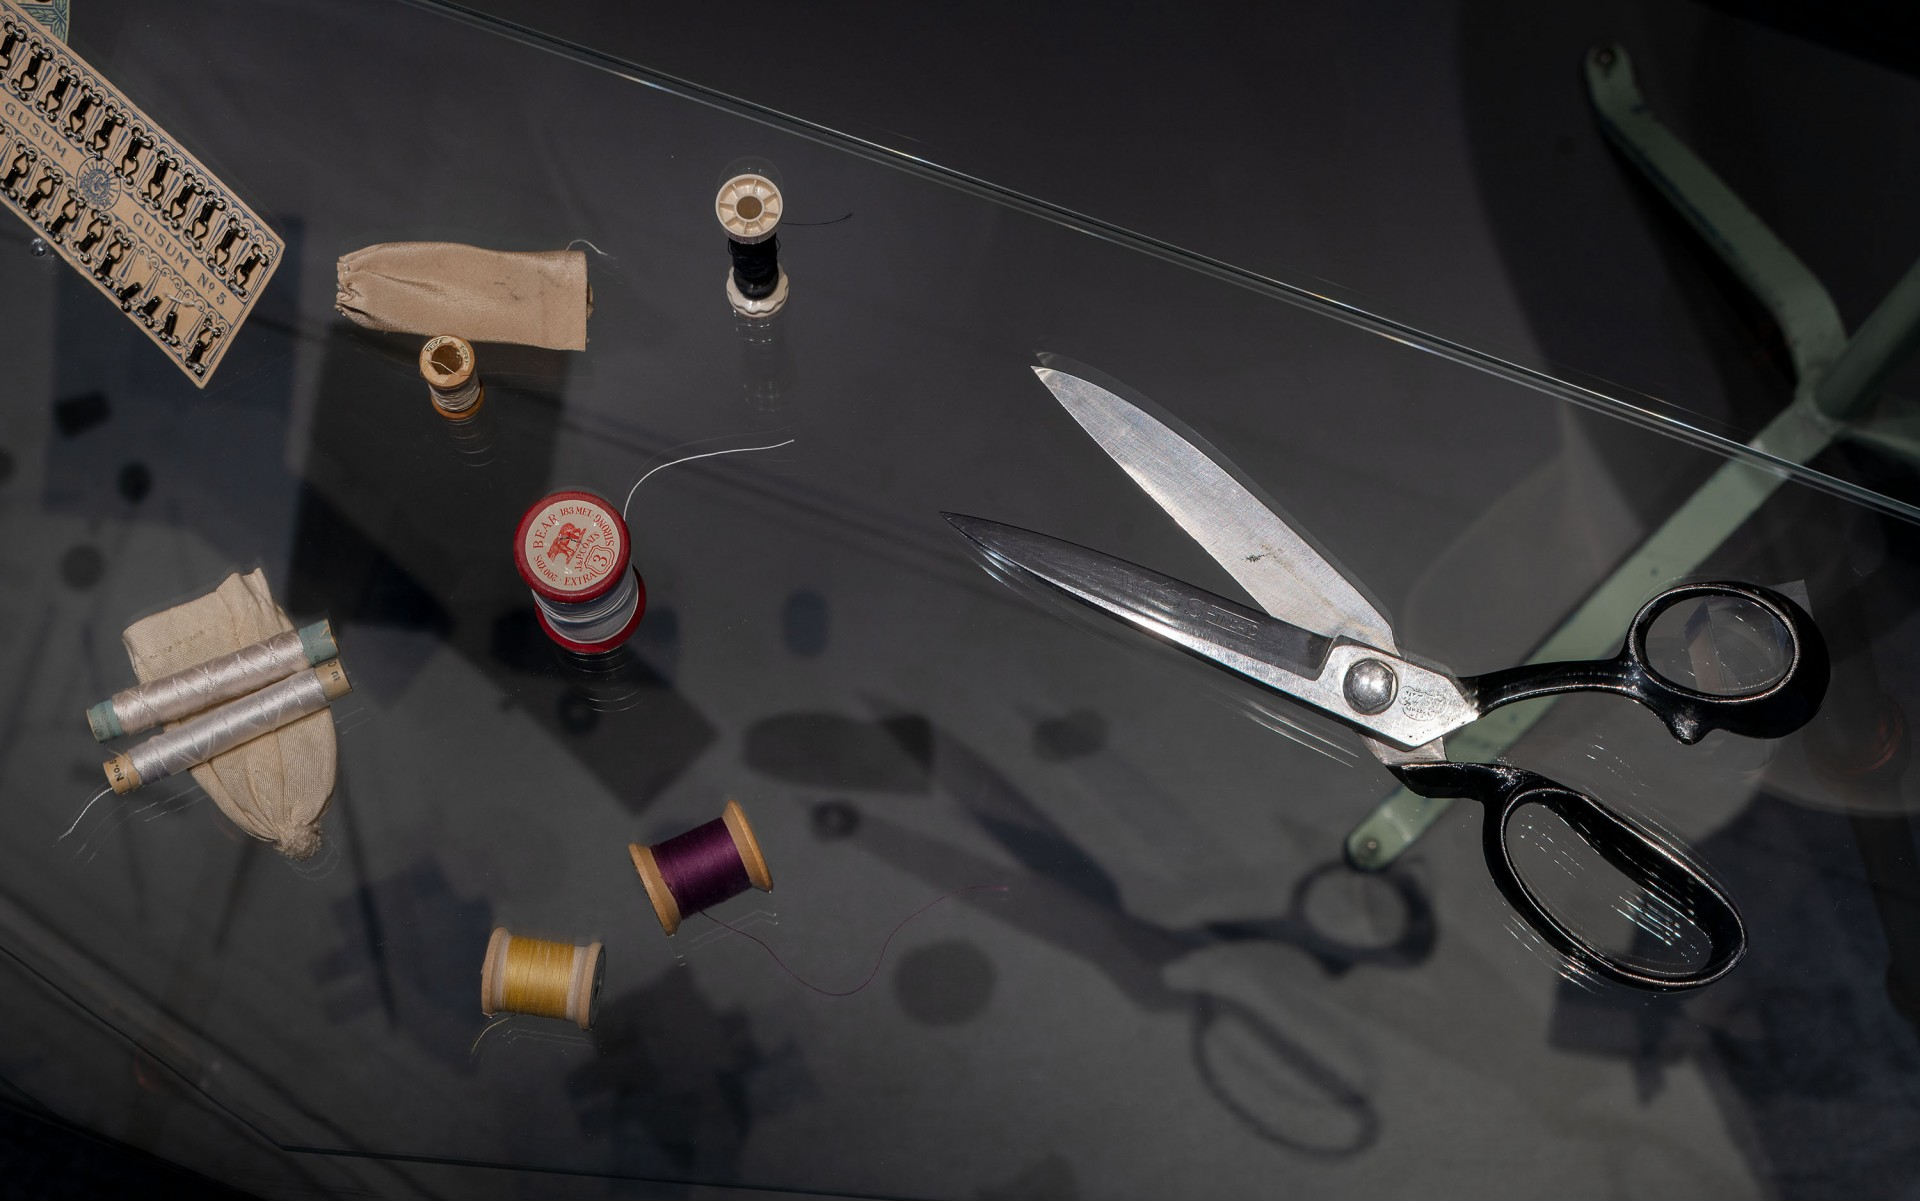 Sax, trådrullar och andra föremål från en syateljé i en monter